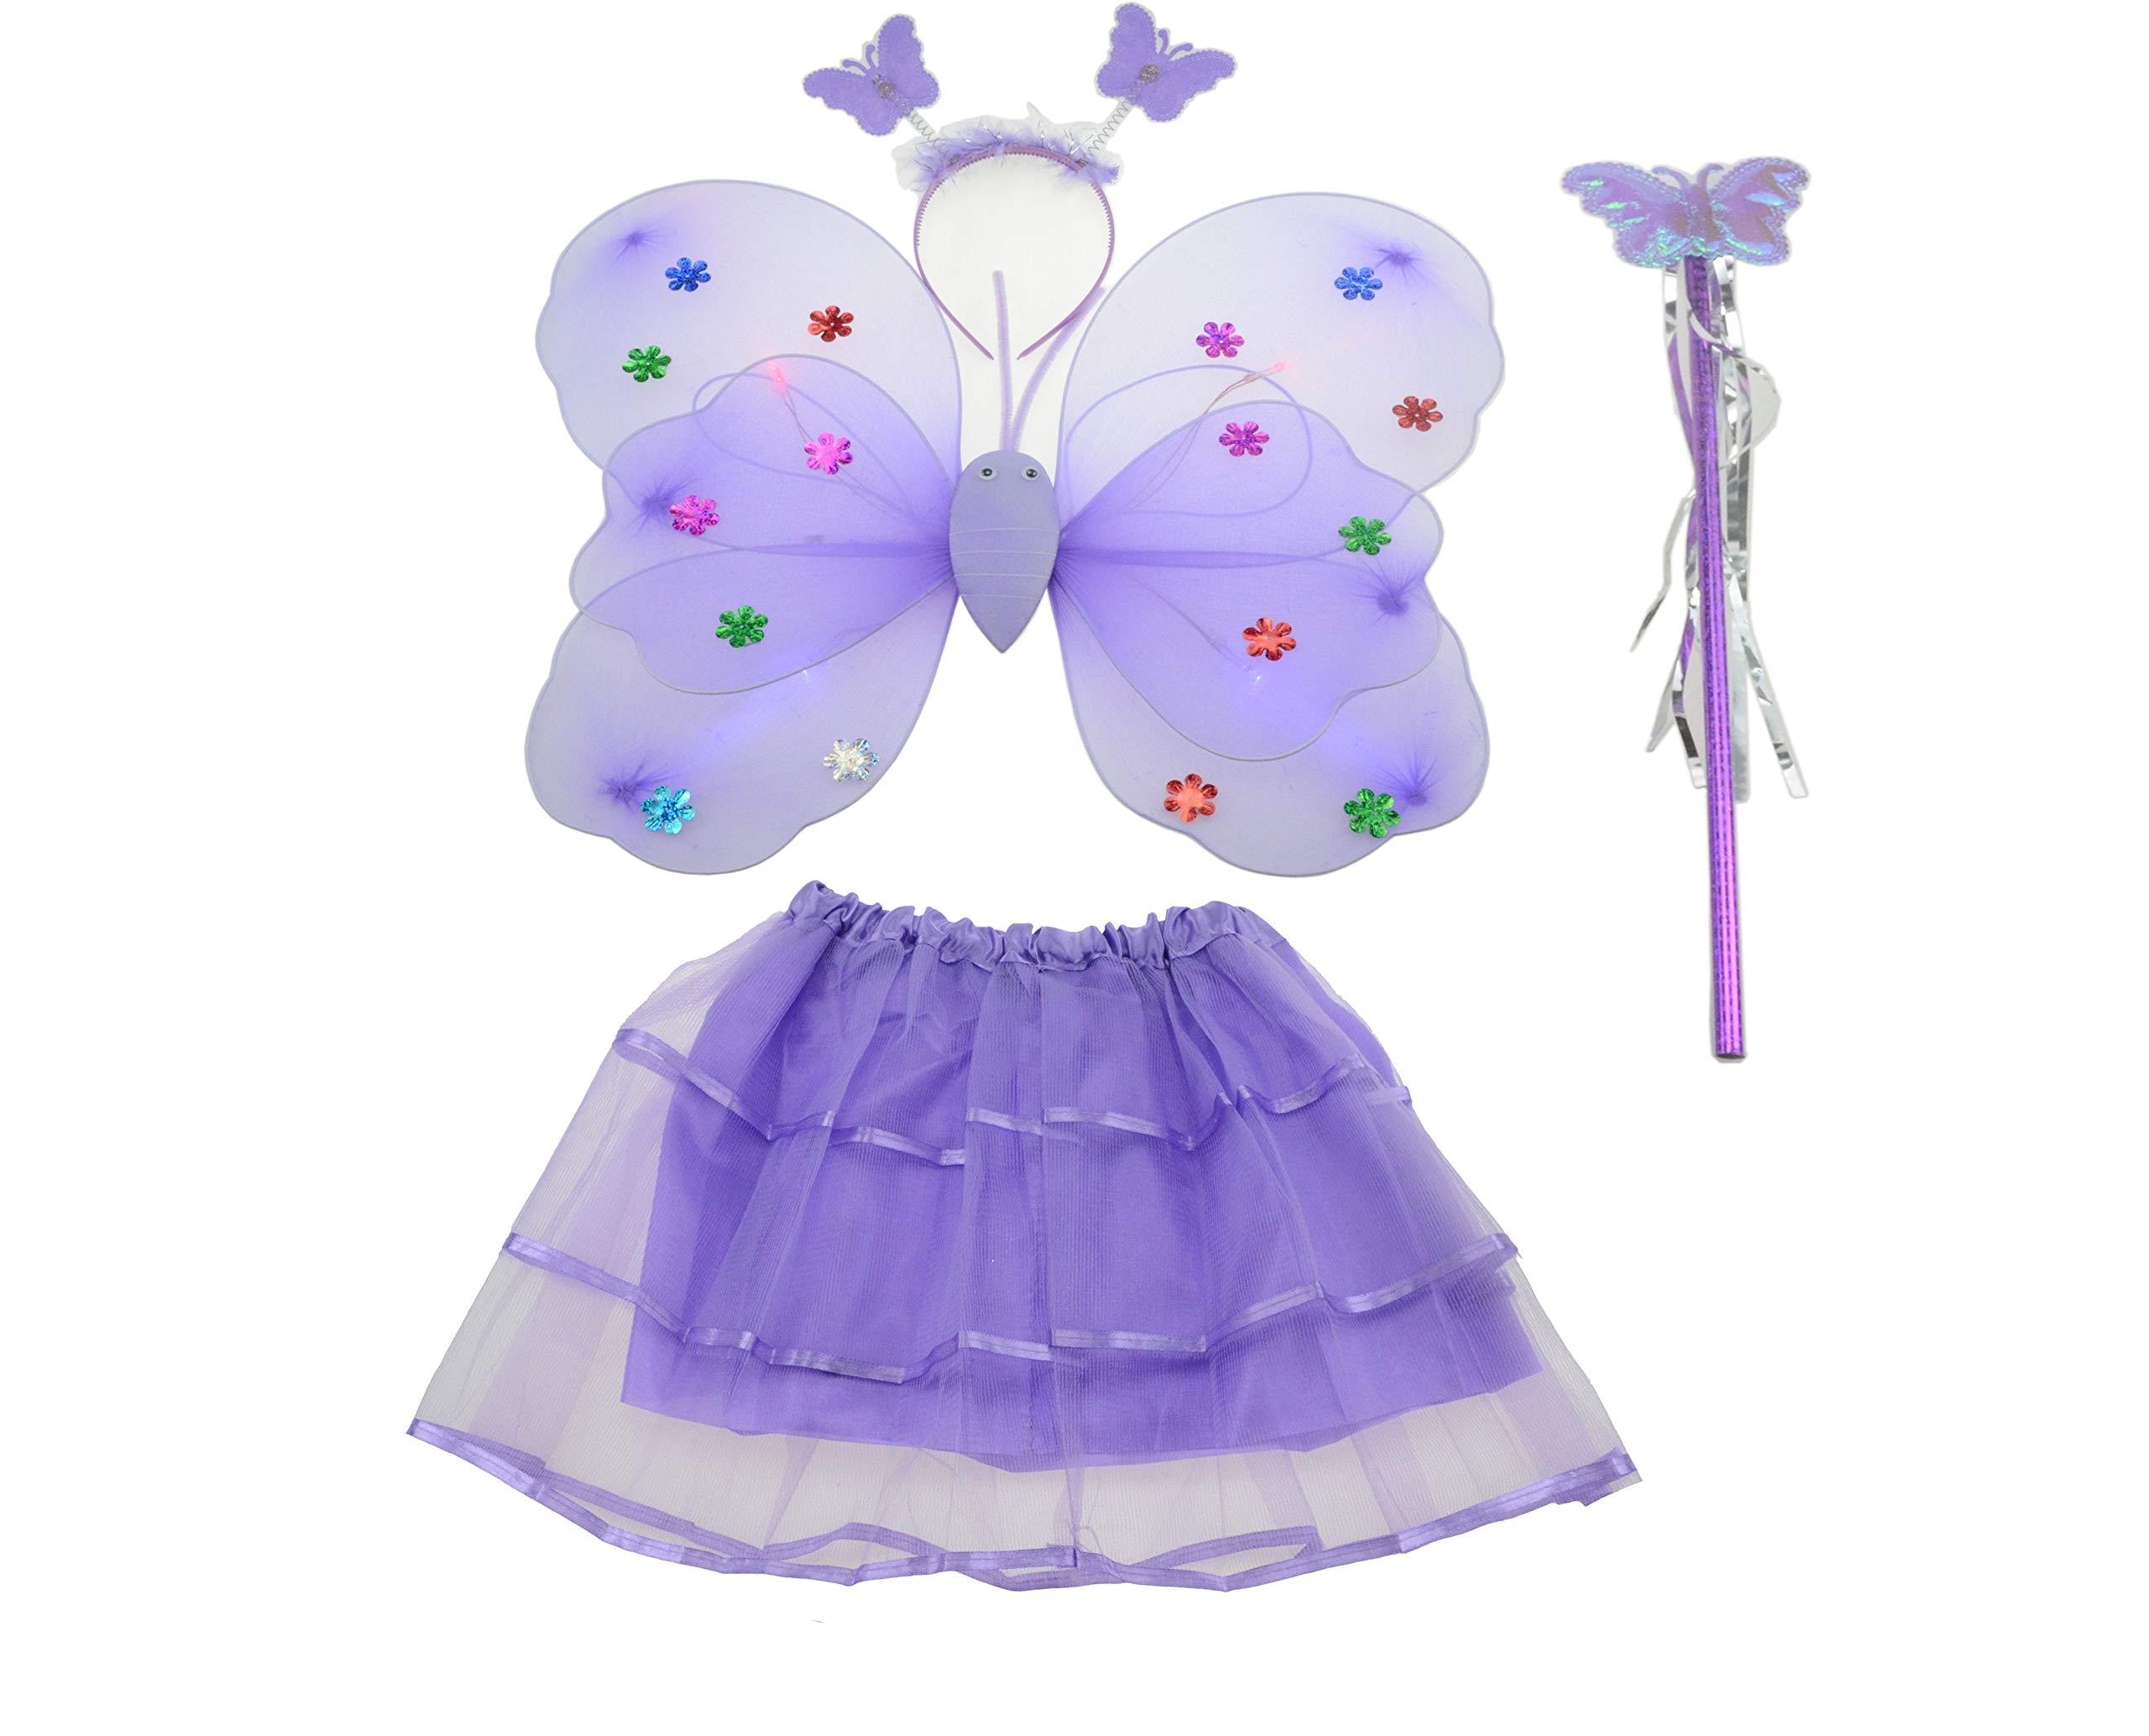 W Fashion shop - Juego de 4 Faldas tutú con alas de Mariposa, alas ...